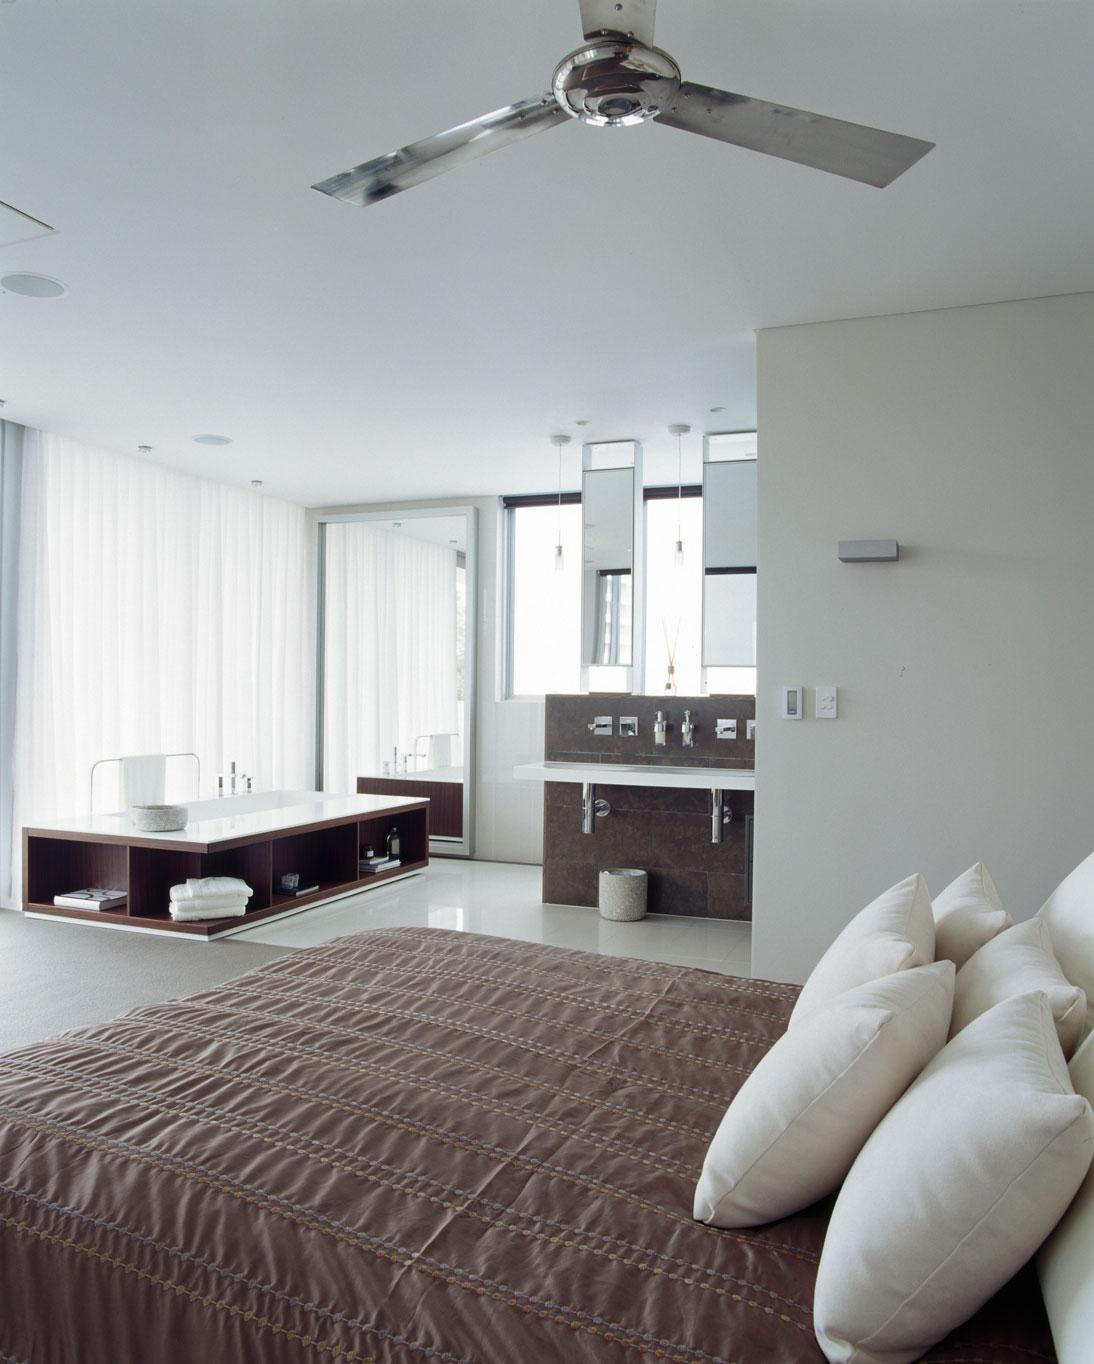 Architetturedinterni-Raffinato-stile-urbano-a Sydney-20